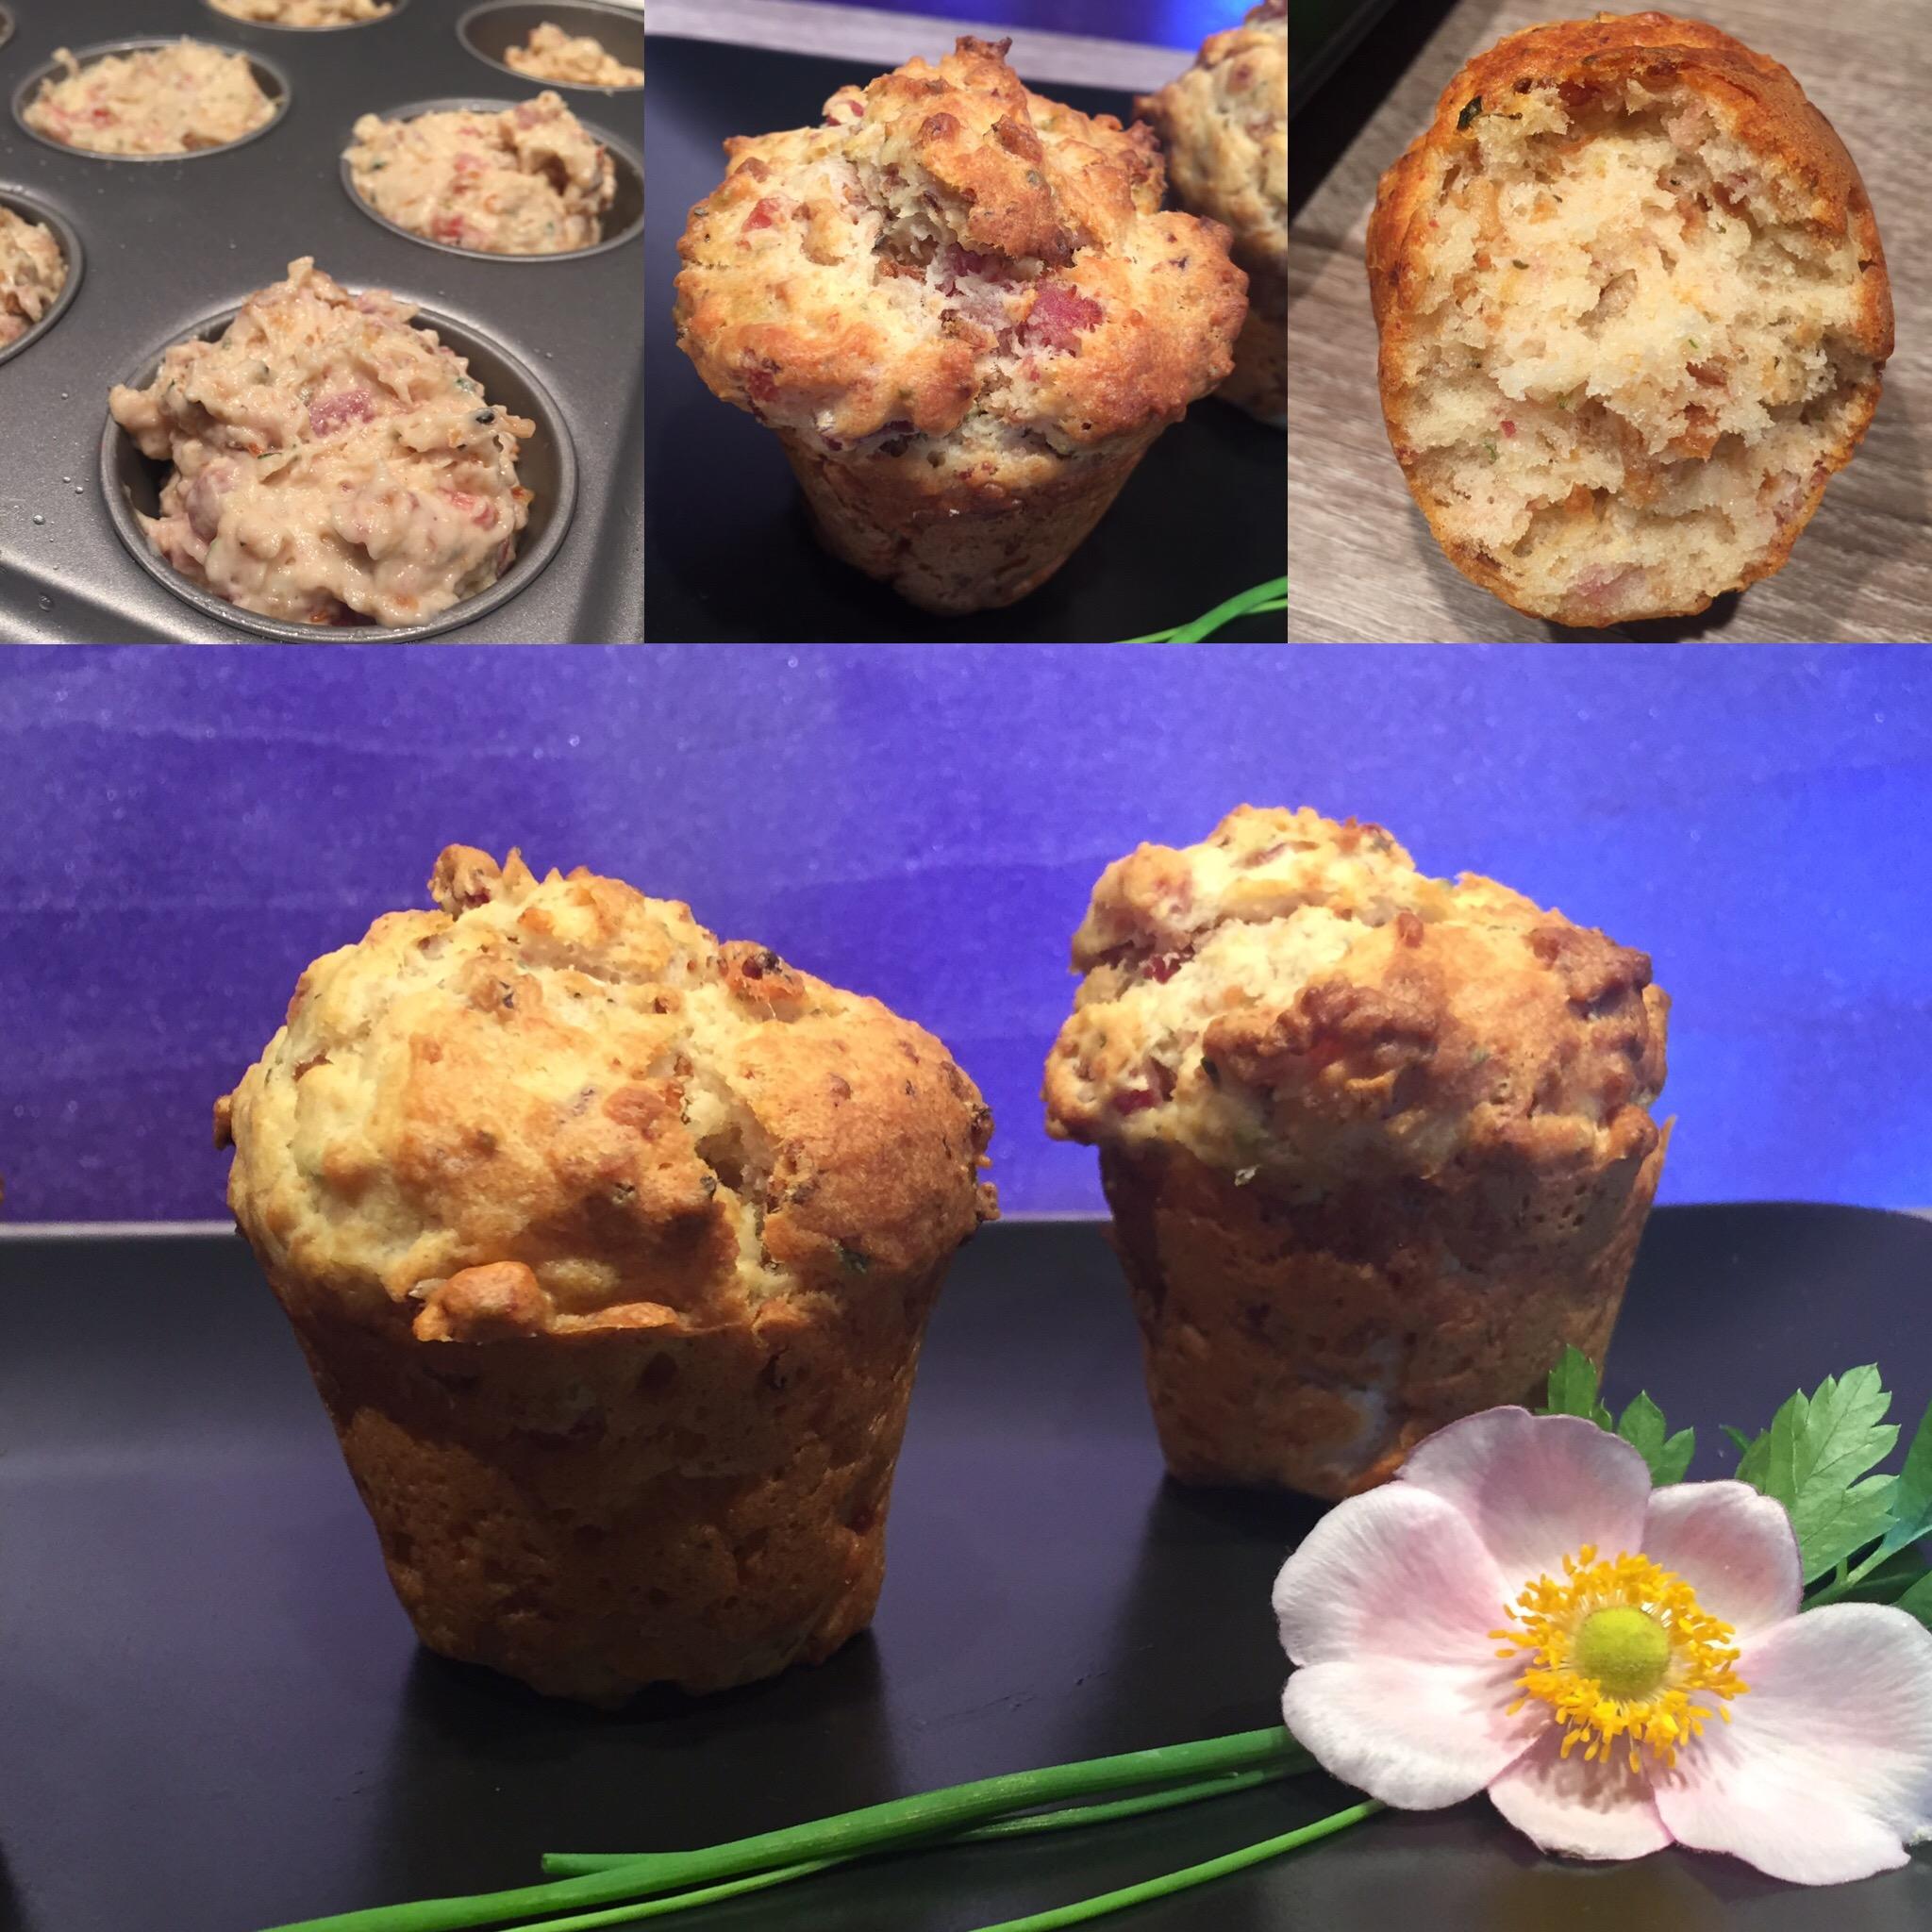 roestzwiebel schinken muffins herzhafte muffins 2 kathis rezepte kathis rezepte. Black Bedroom Furniture Sets. Home Design Ideas